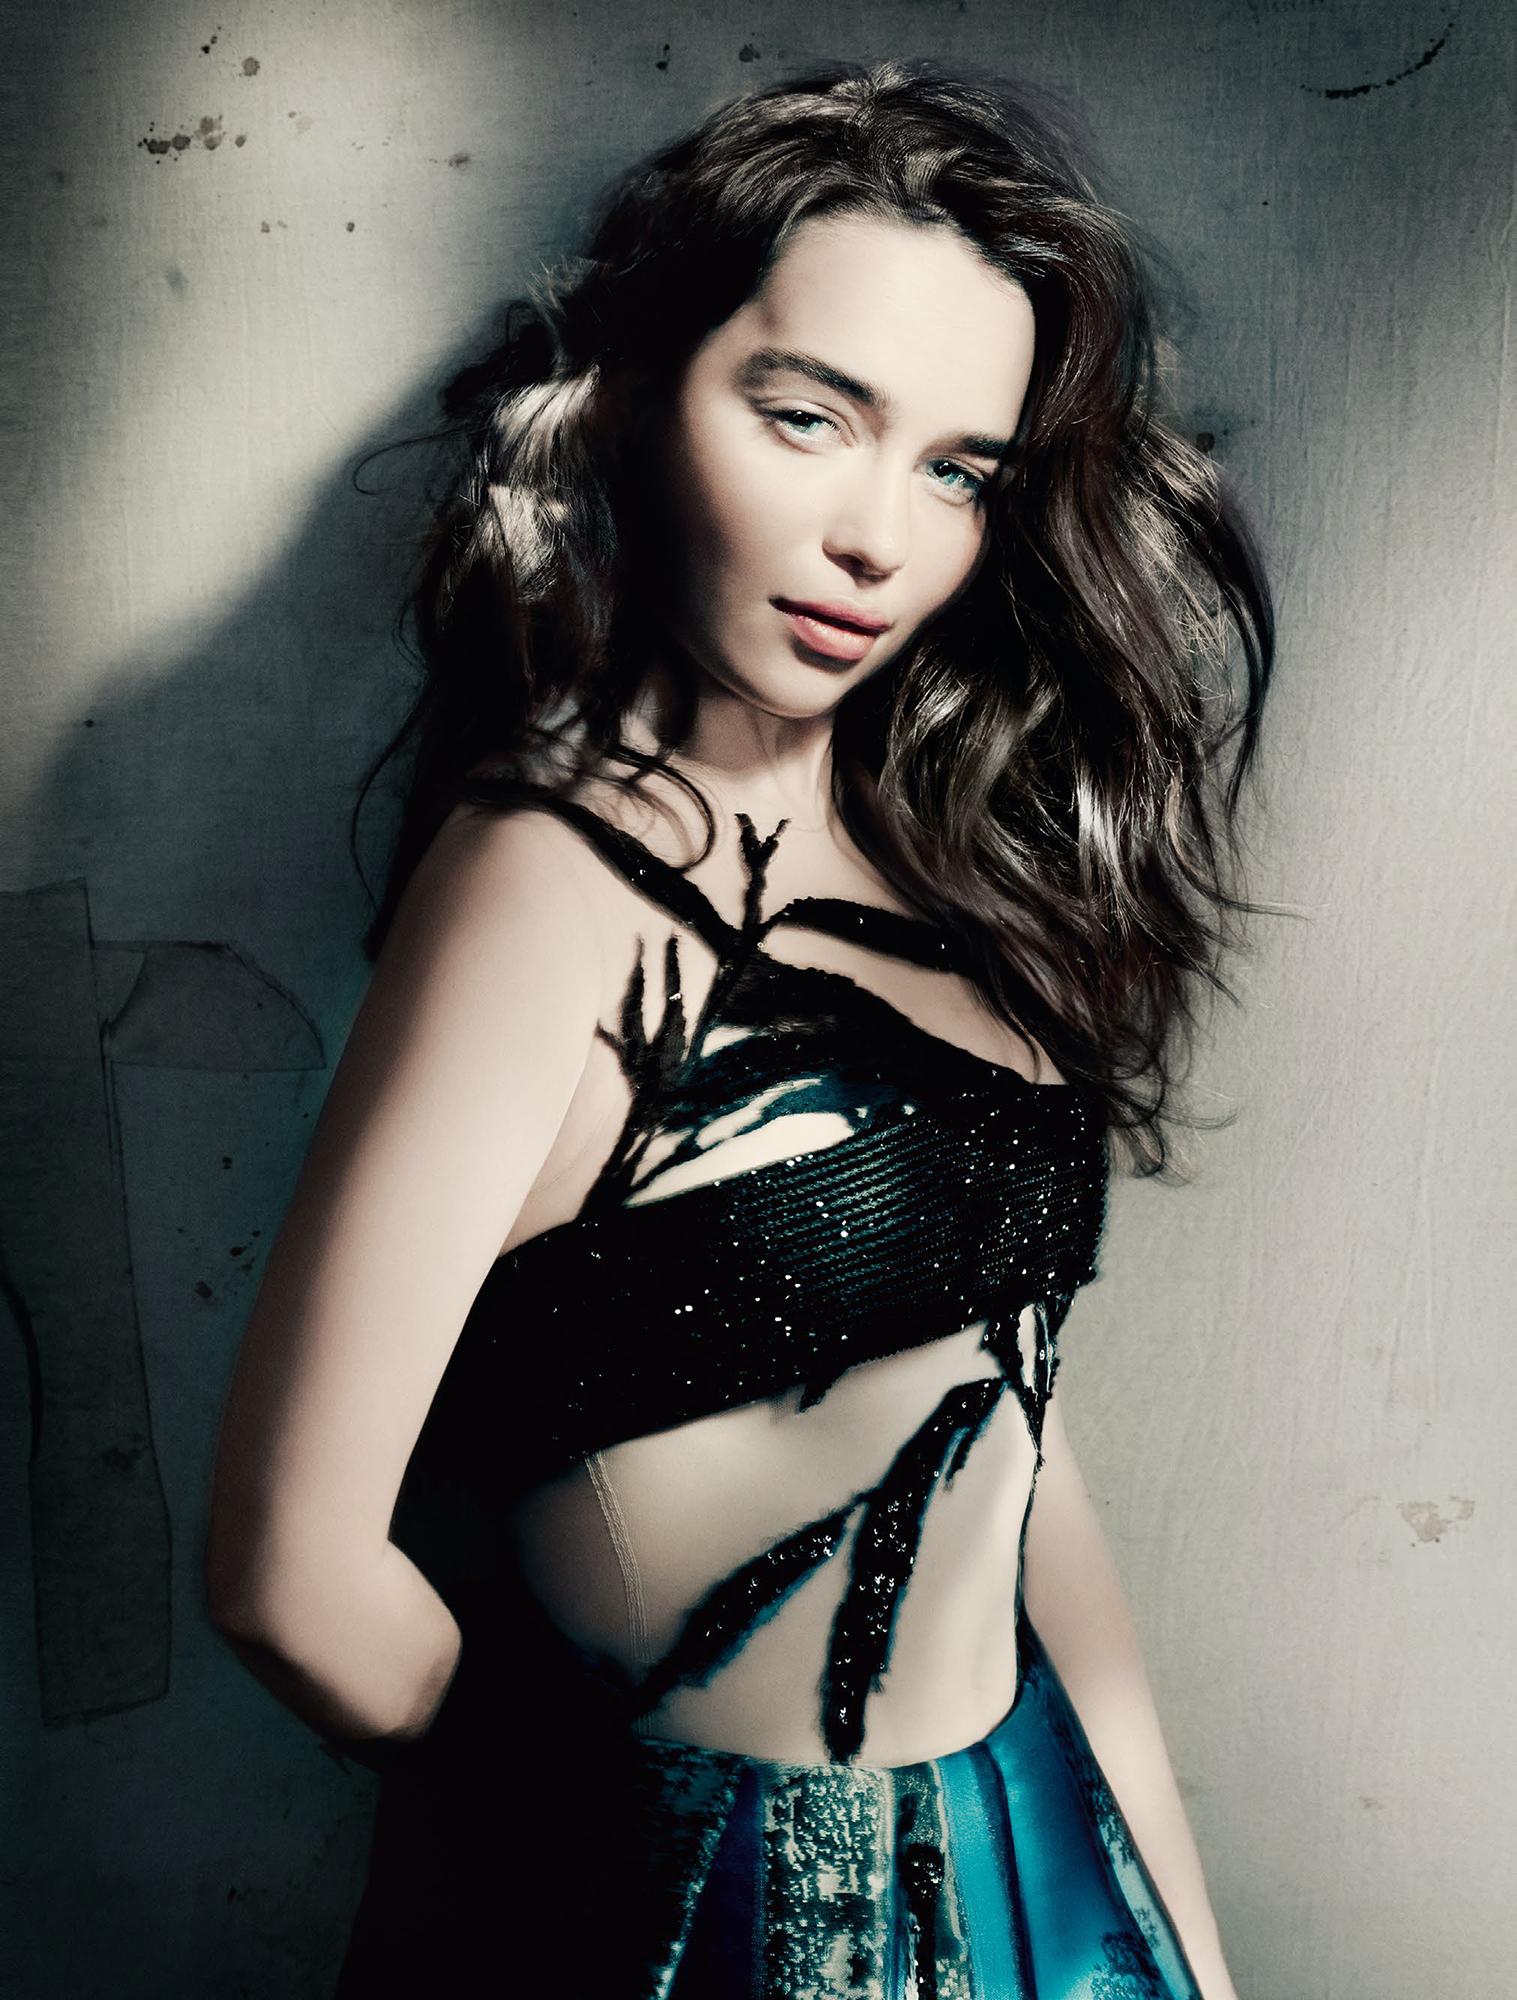 Emilia Clarke Photoshoot 2015 1